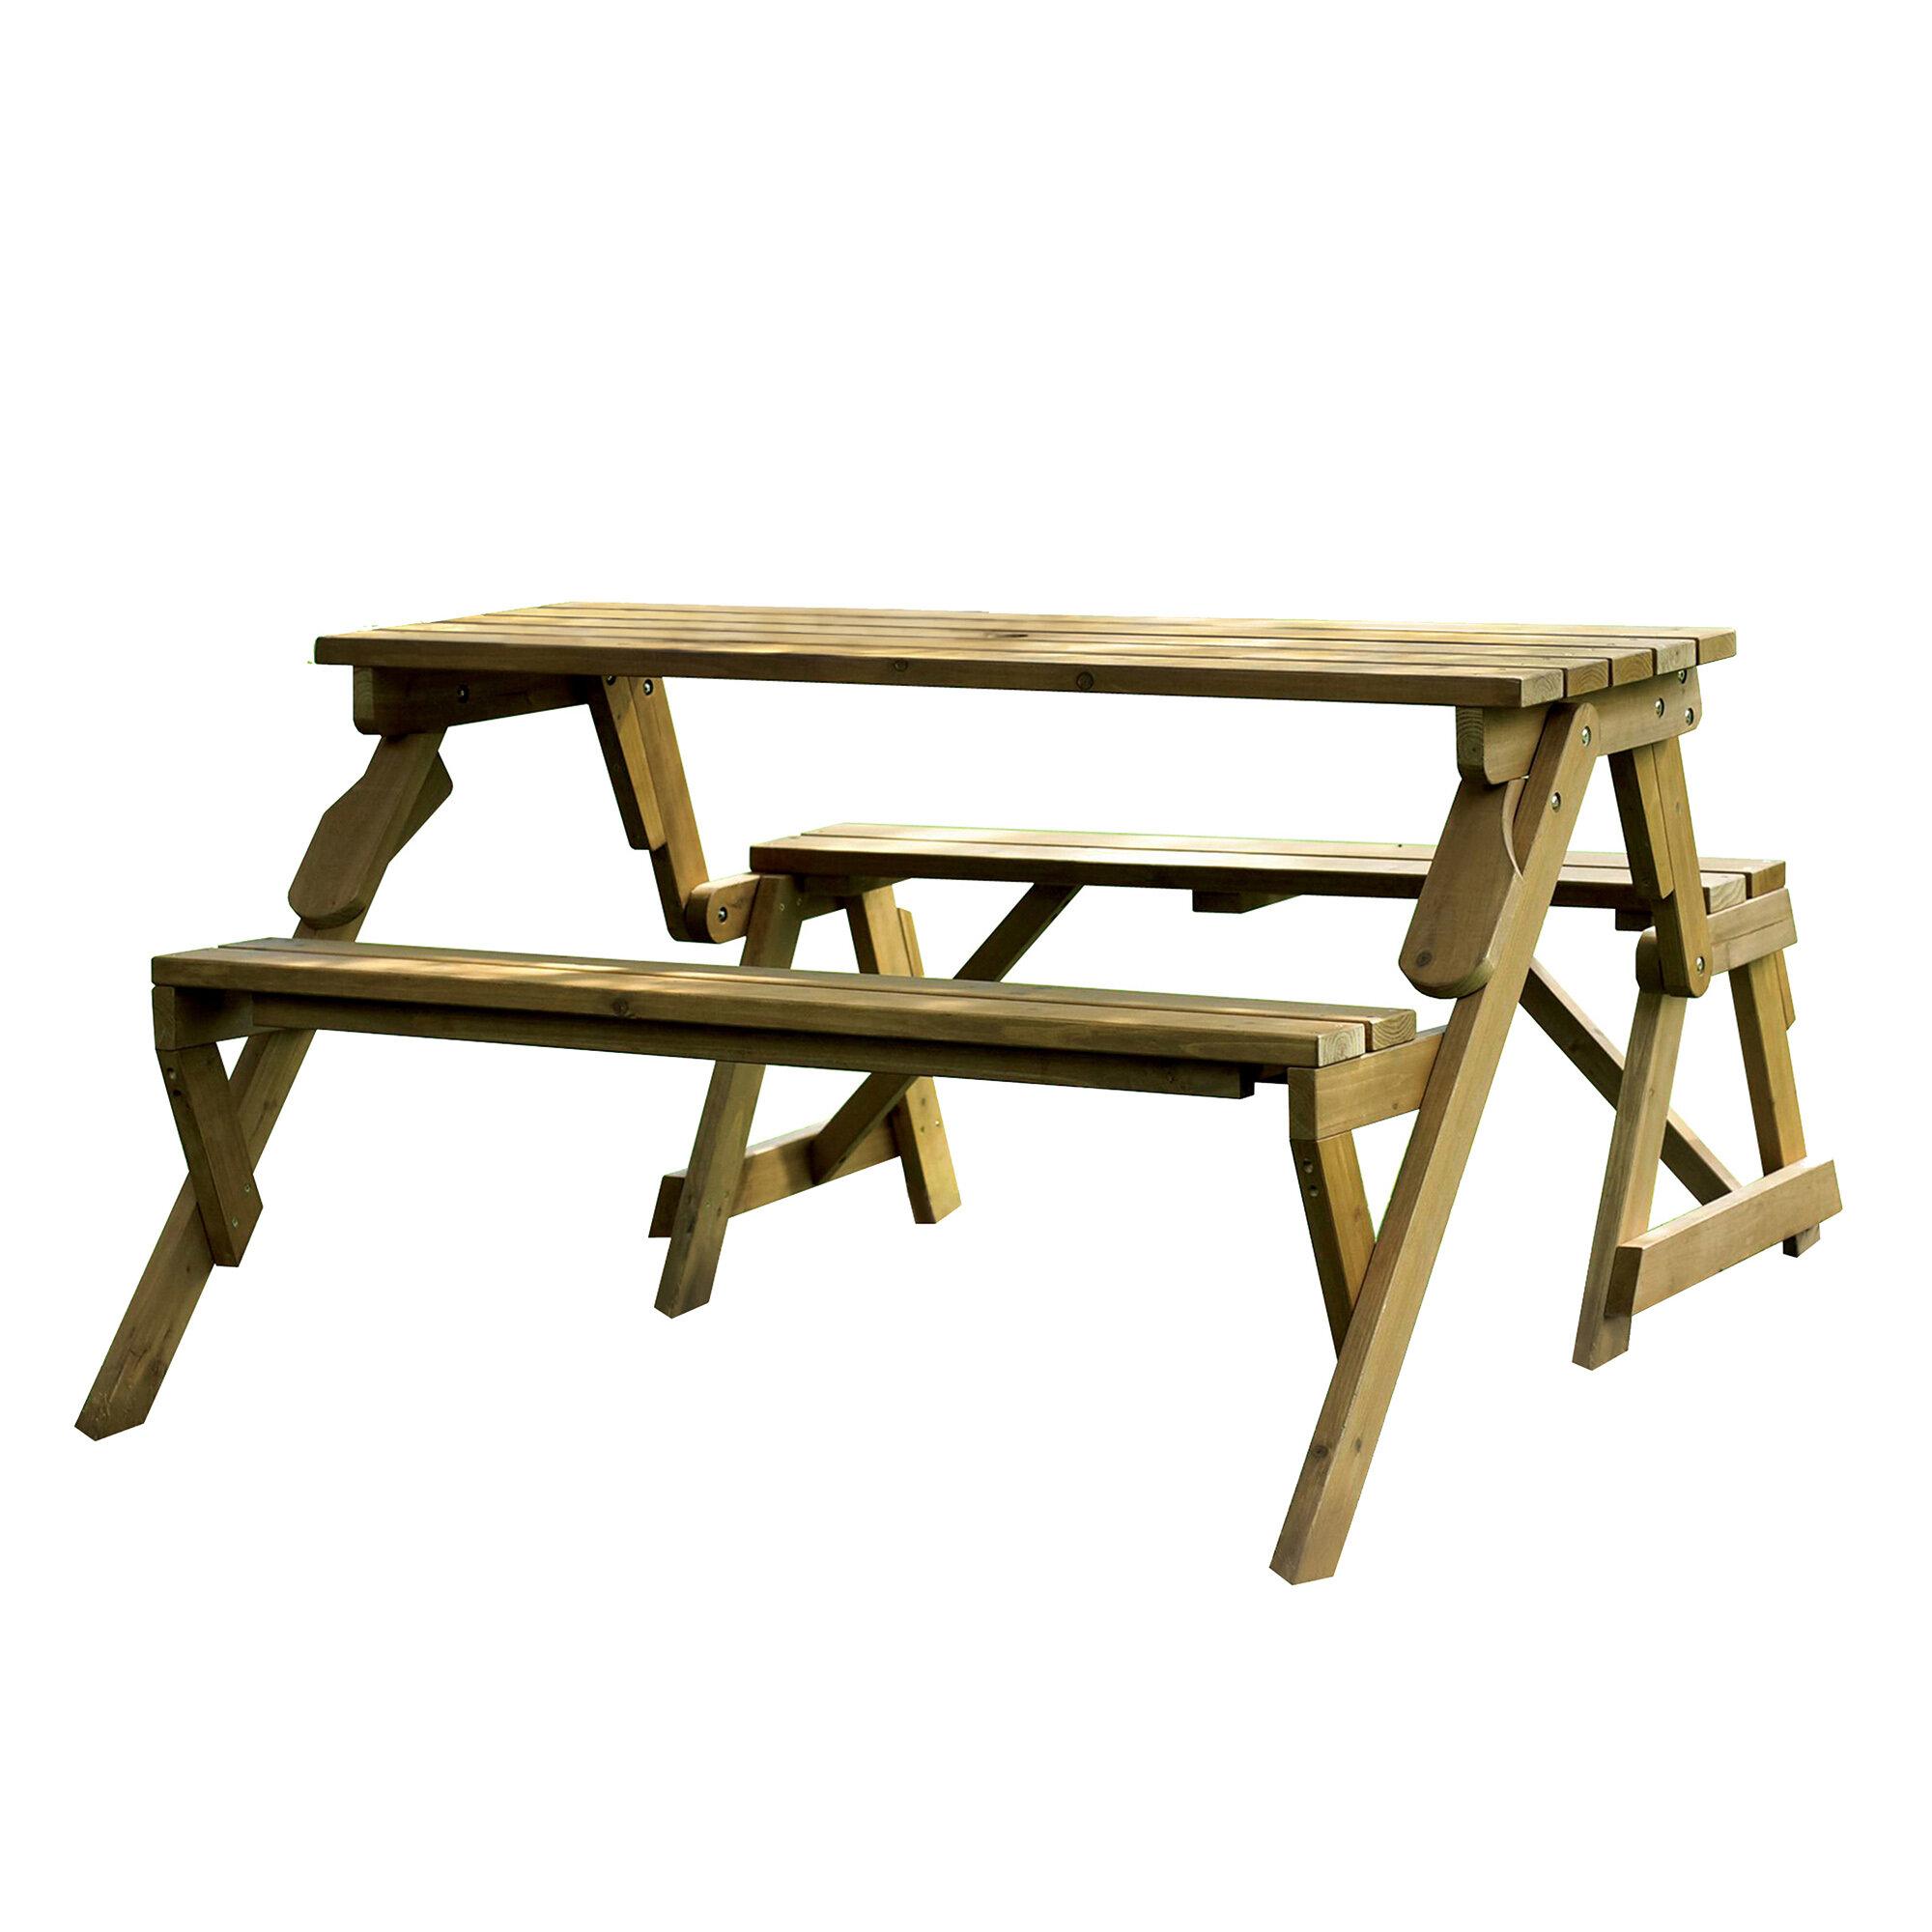 Dreiling Convertible Wood Picnic Table Garden Bench Reviews Joss Main